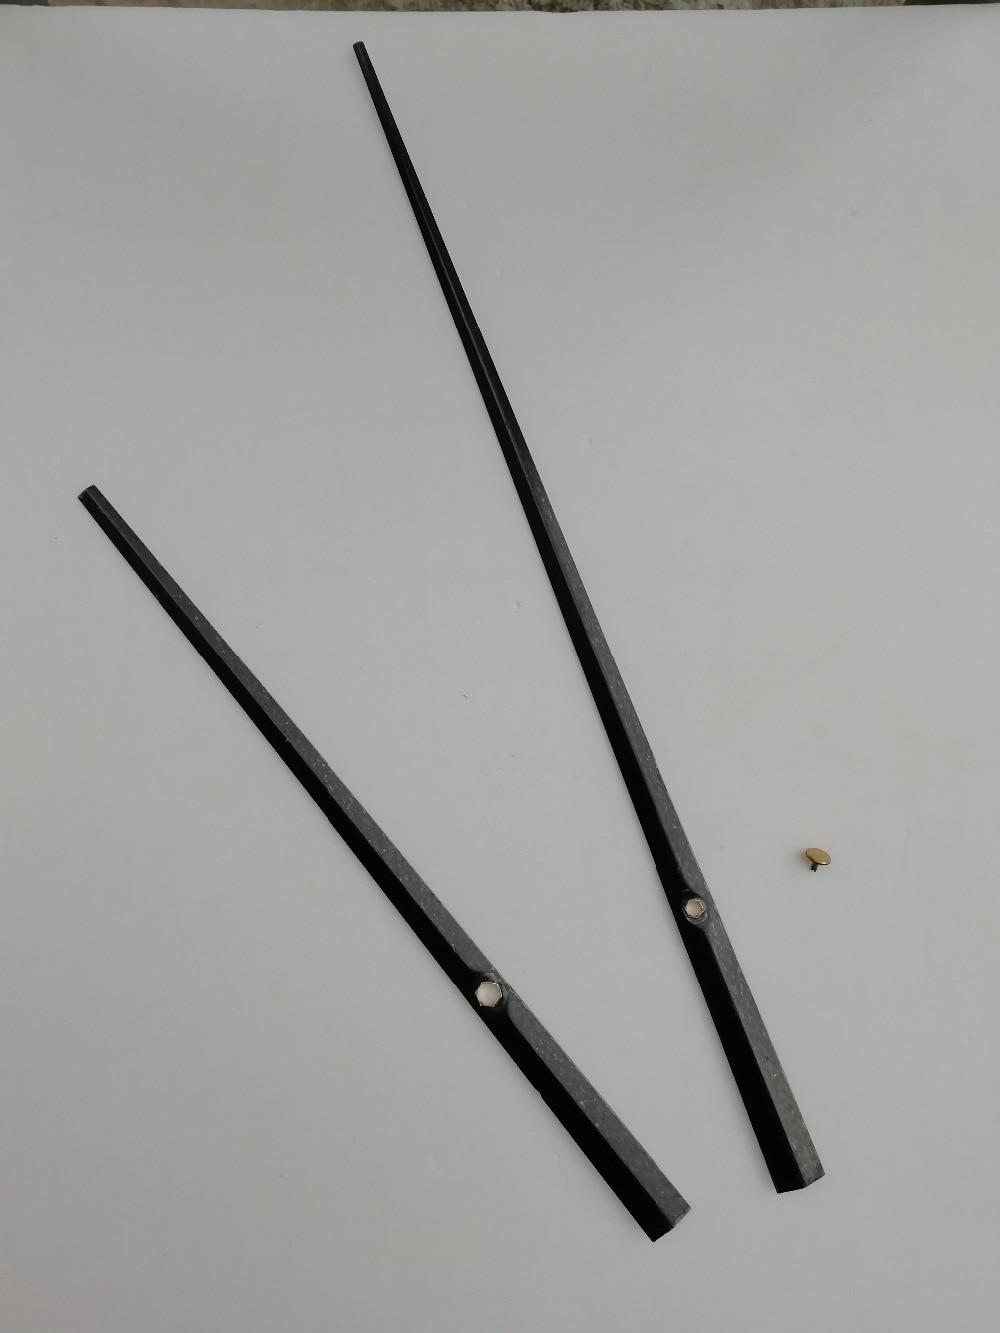 50 PCS Lange Größe Schwarz Metall Uhr Arme mit Zweite Kappe DIY Ihre Große Wanduhr Zubehör-in Uhrteile und Zubehör aus Heim und Garten bei  Gruppe 3